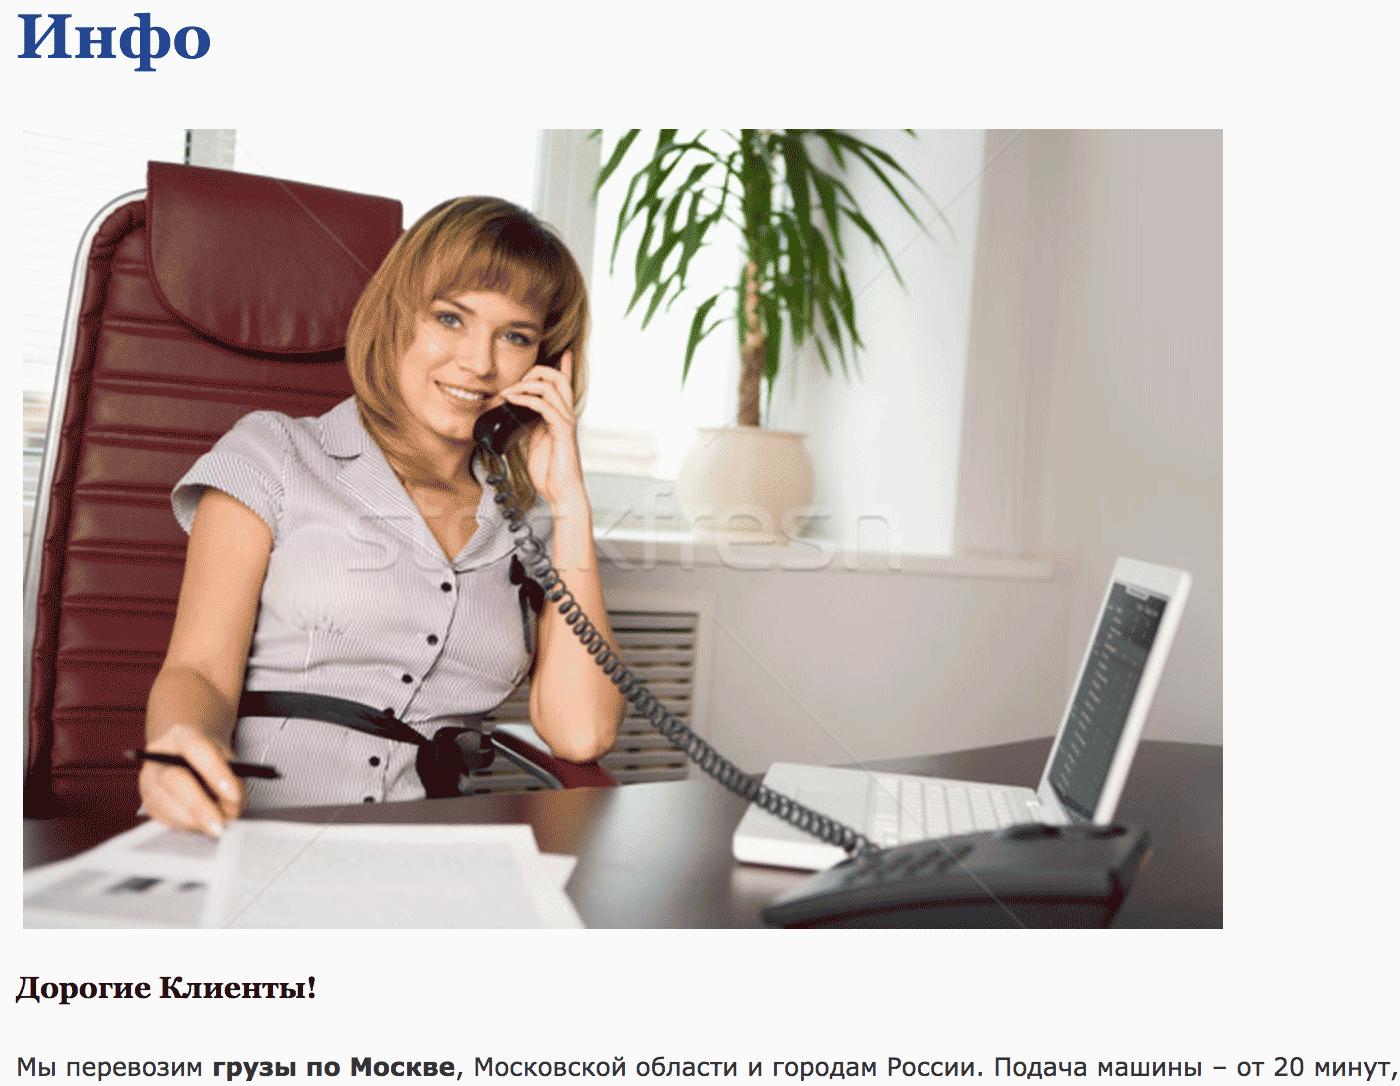 Это стоковое фото разместил на странице о компании перевозчик в Москве